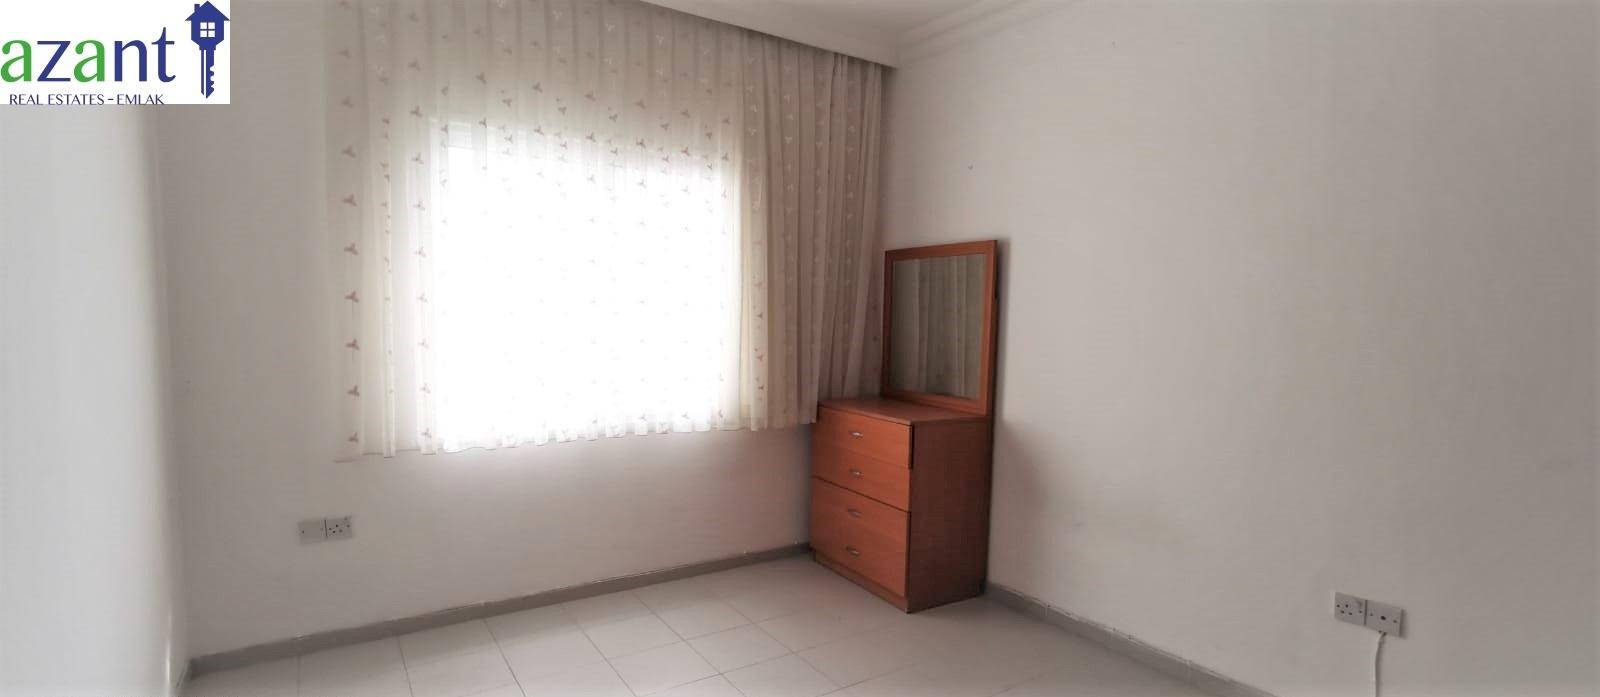 3 BEDROOM APARTMENT IN KYRENIA CENTRE